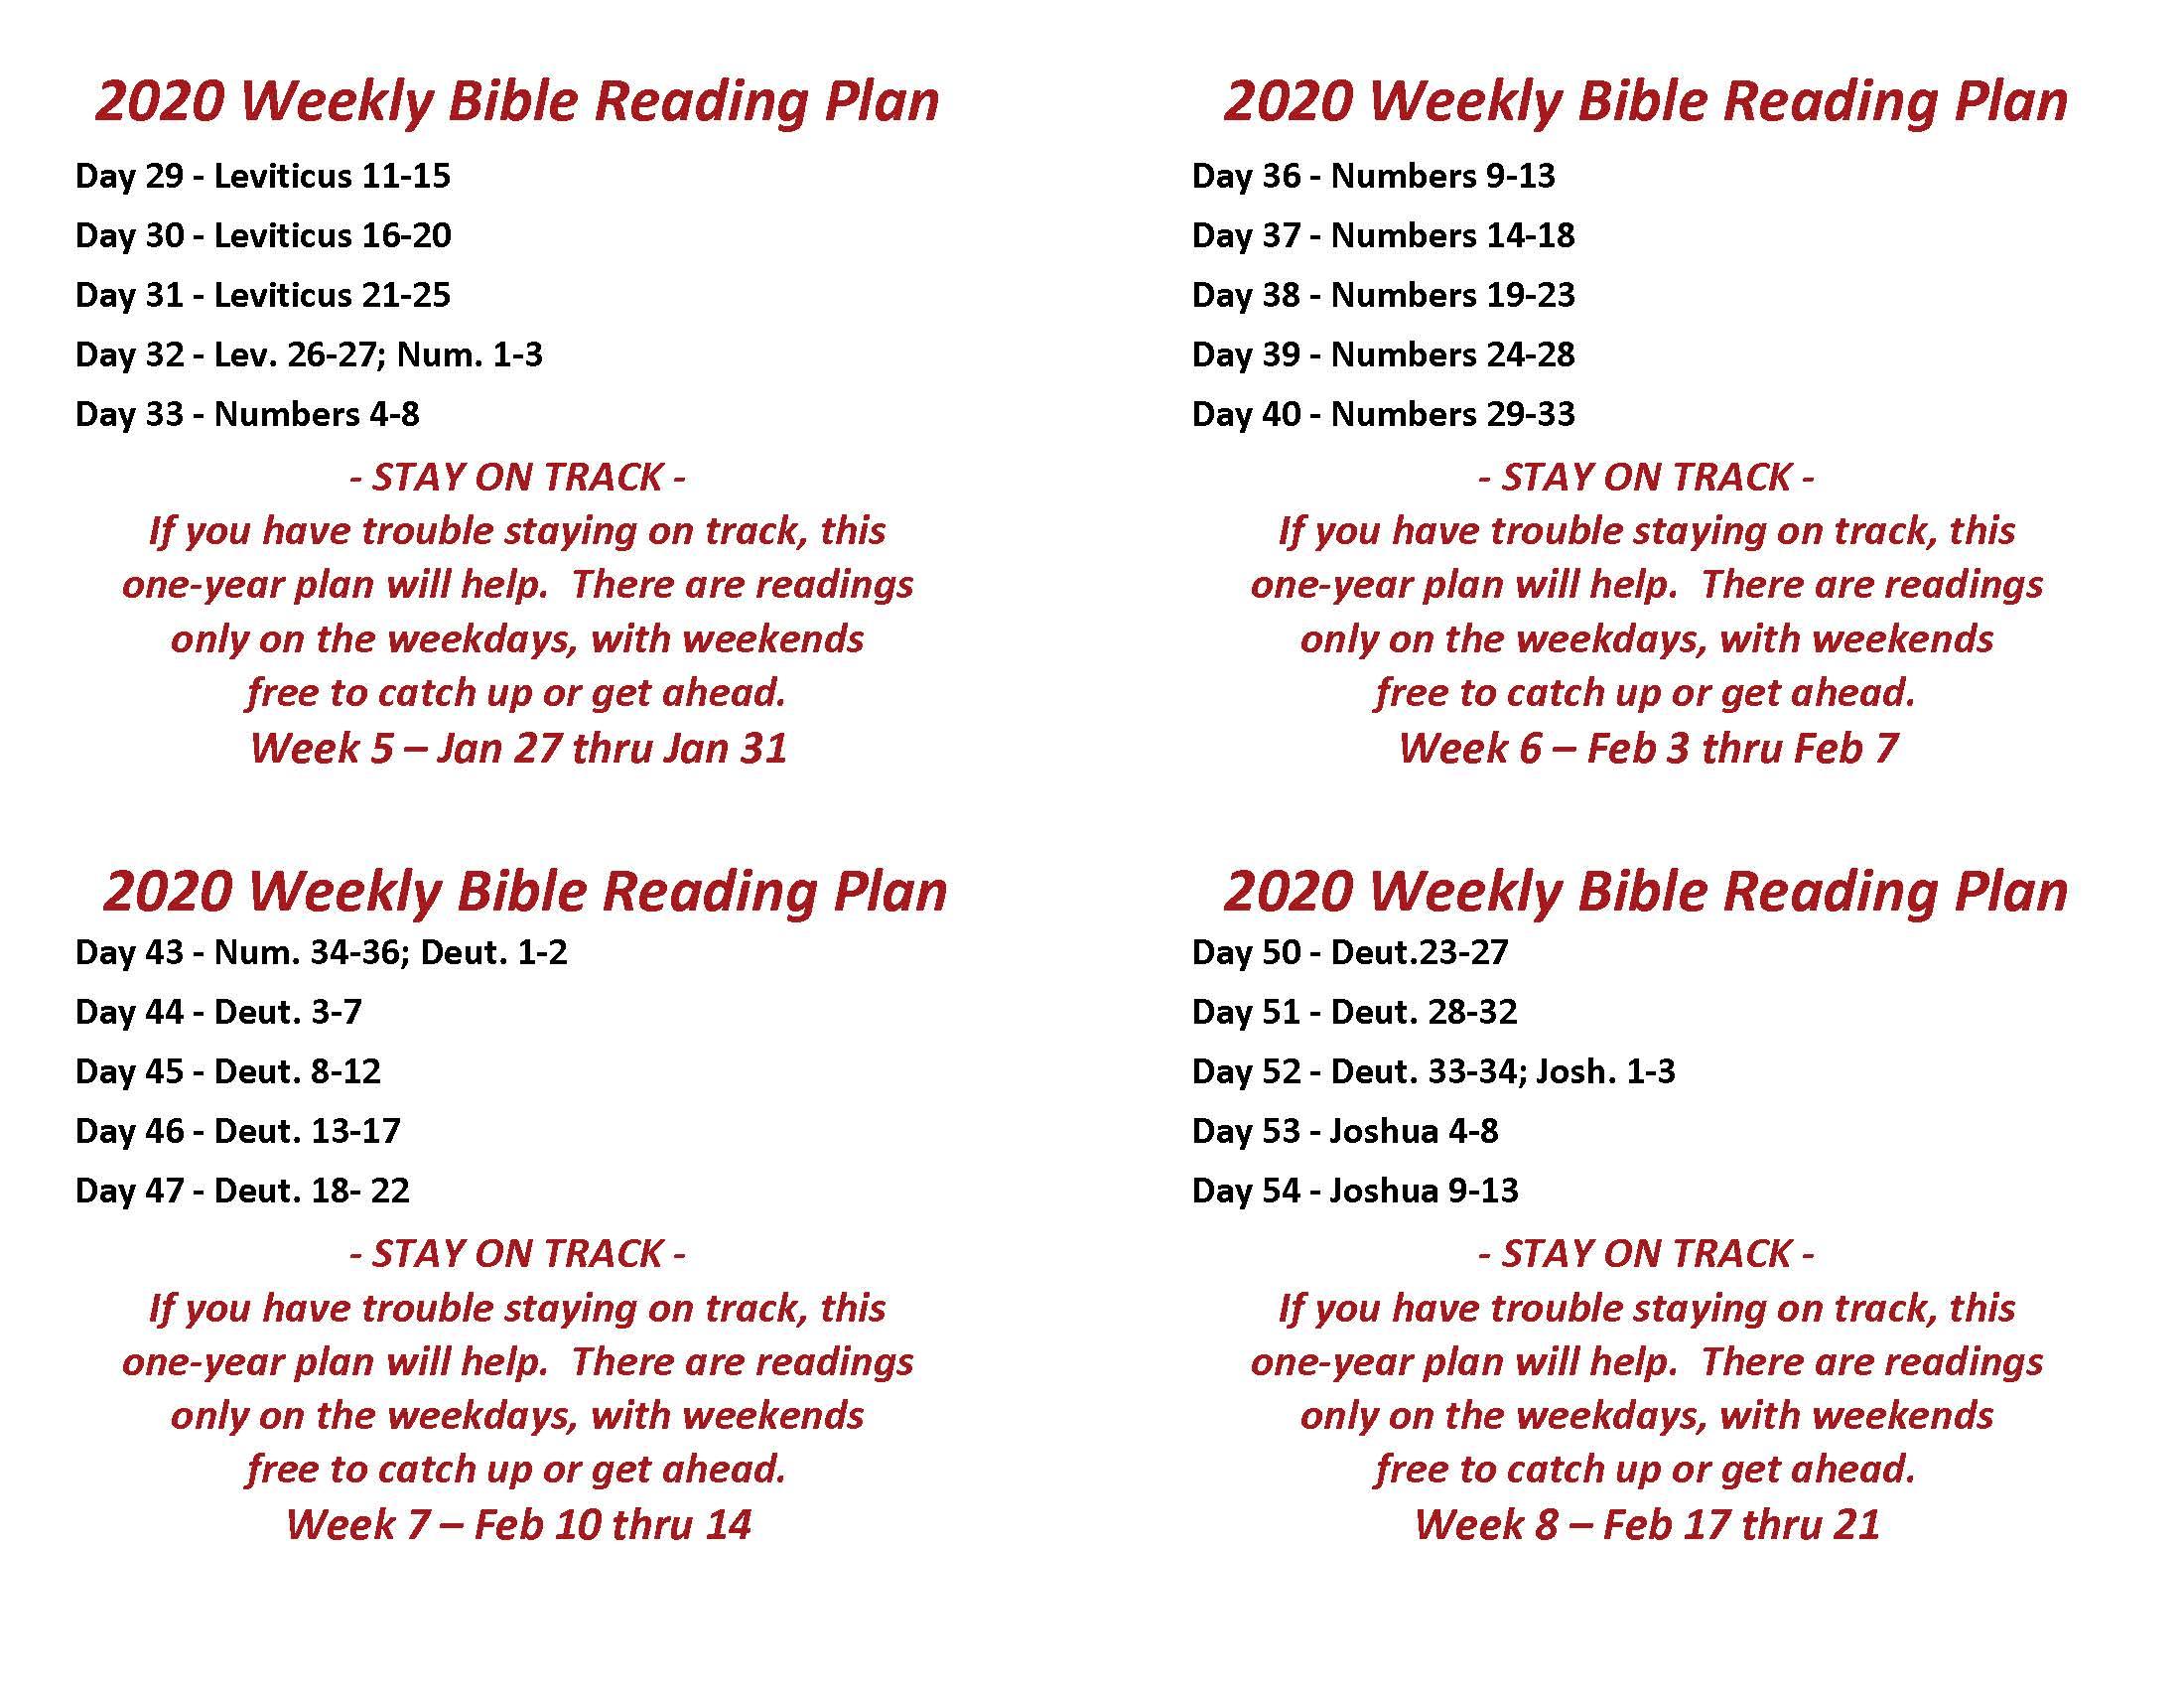 Read the Bible Through in a Year Wk 5-8, Jan 27 thru Feb 21